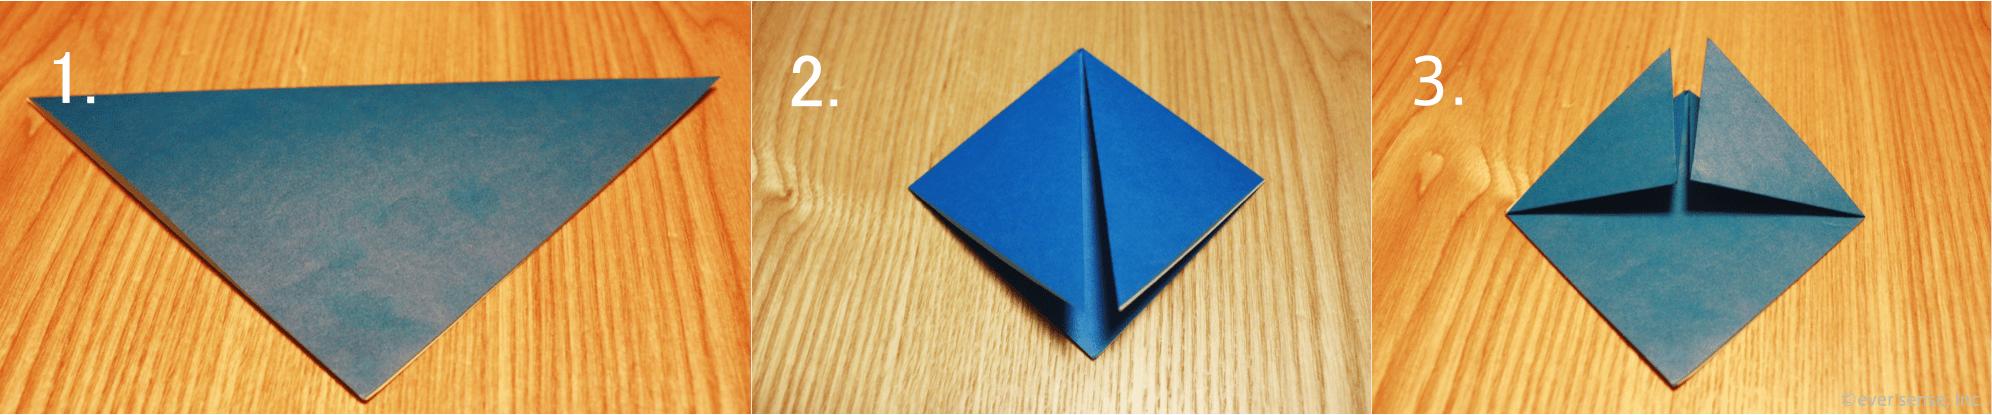 折り紙 兜 折り方